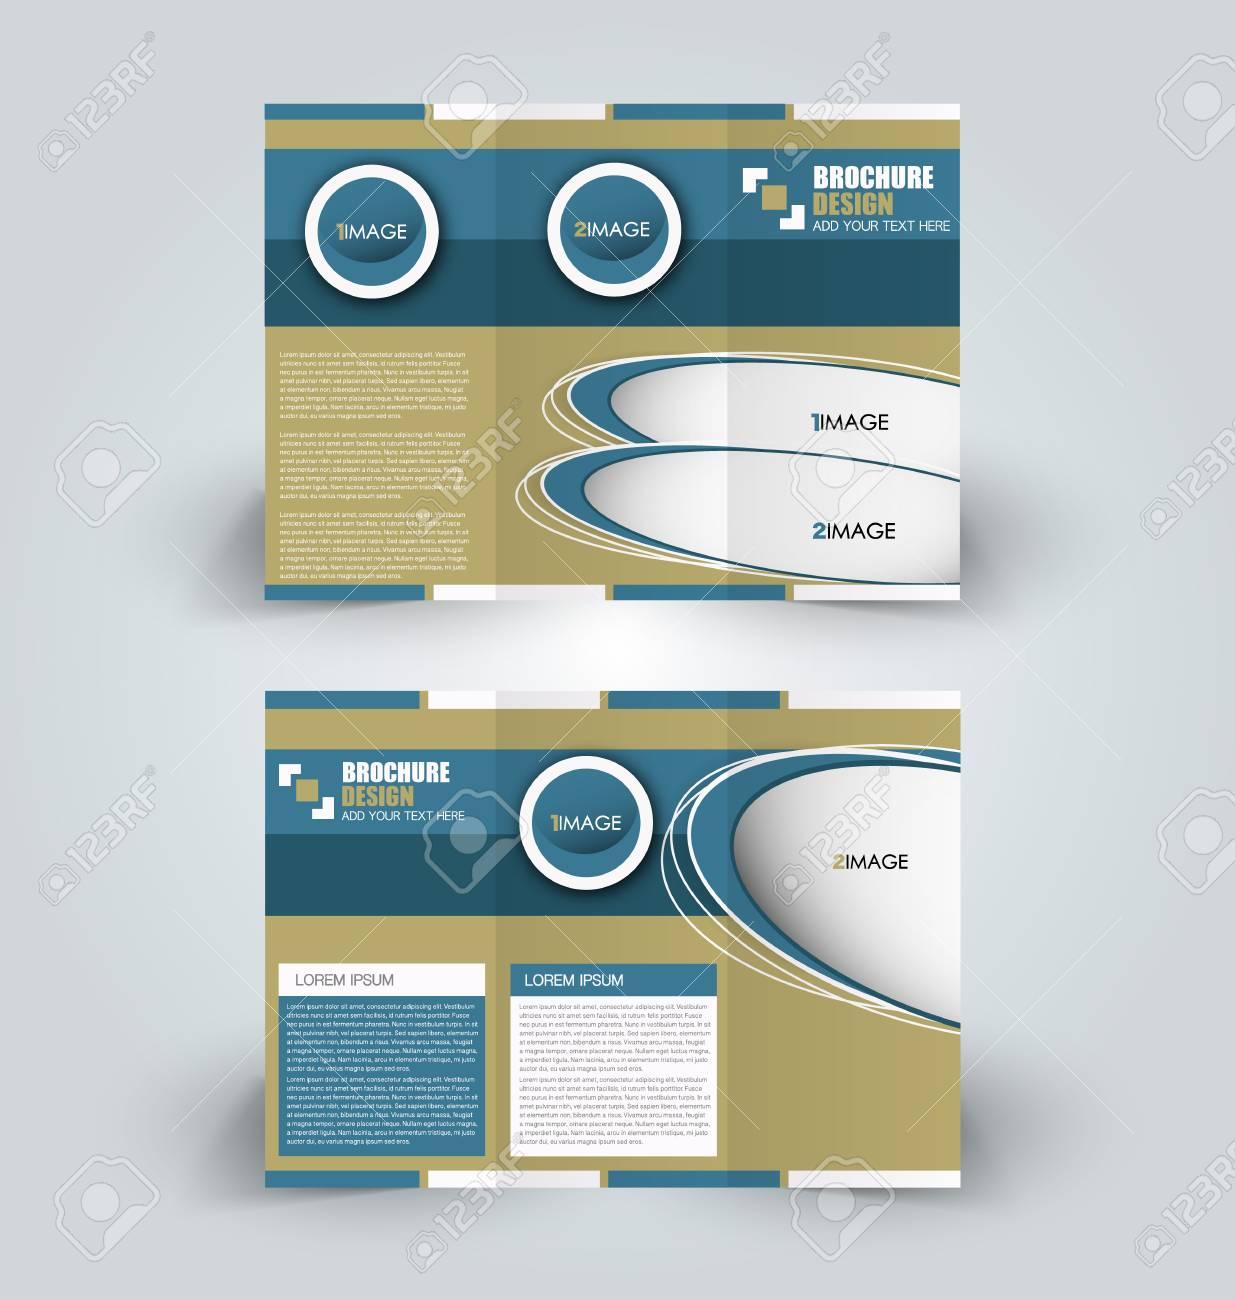 Broschüre Mock Up Design Vorlage Für Business, Bildung, Werbung ...